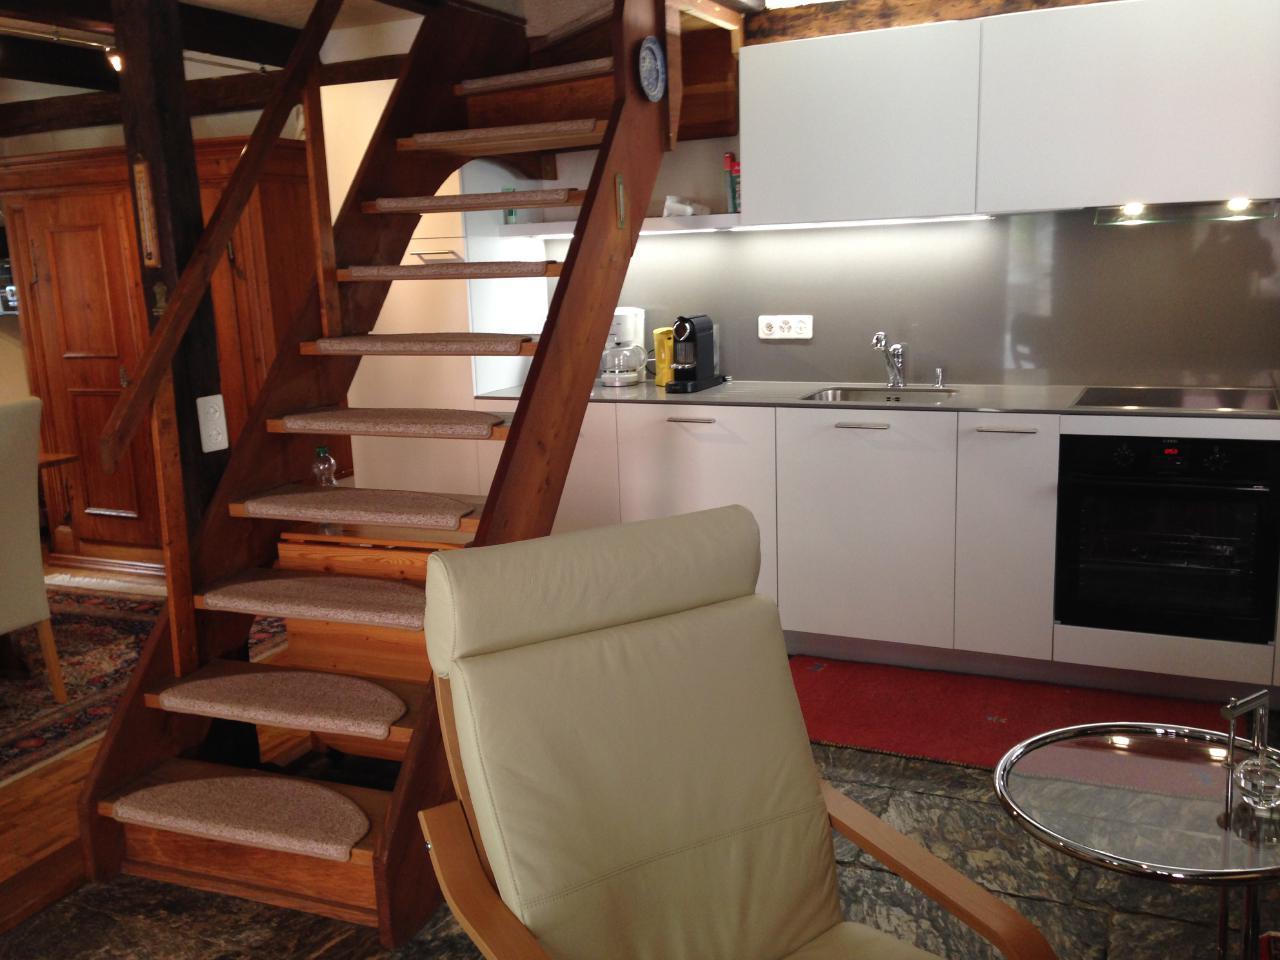 Maison de vacances Rustico im Dorfkern von Dongio (628705), Dongio, Vallée de Blenio, Tessin, Suisse, image 6